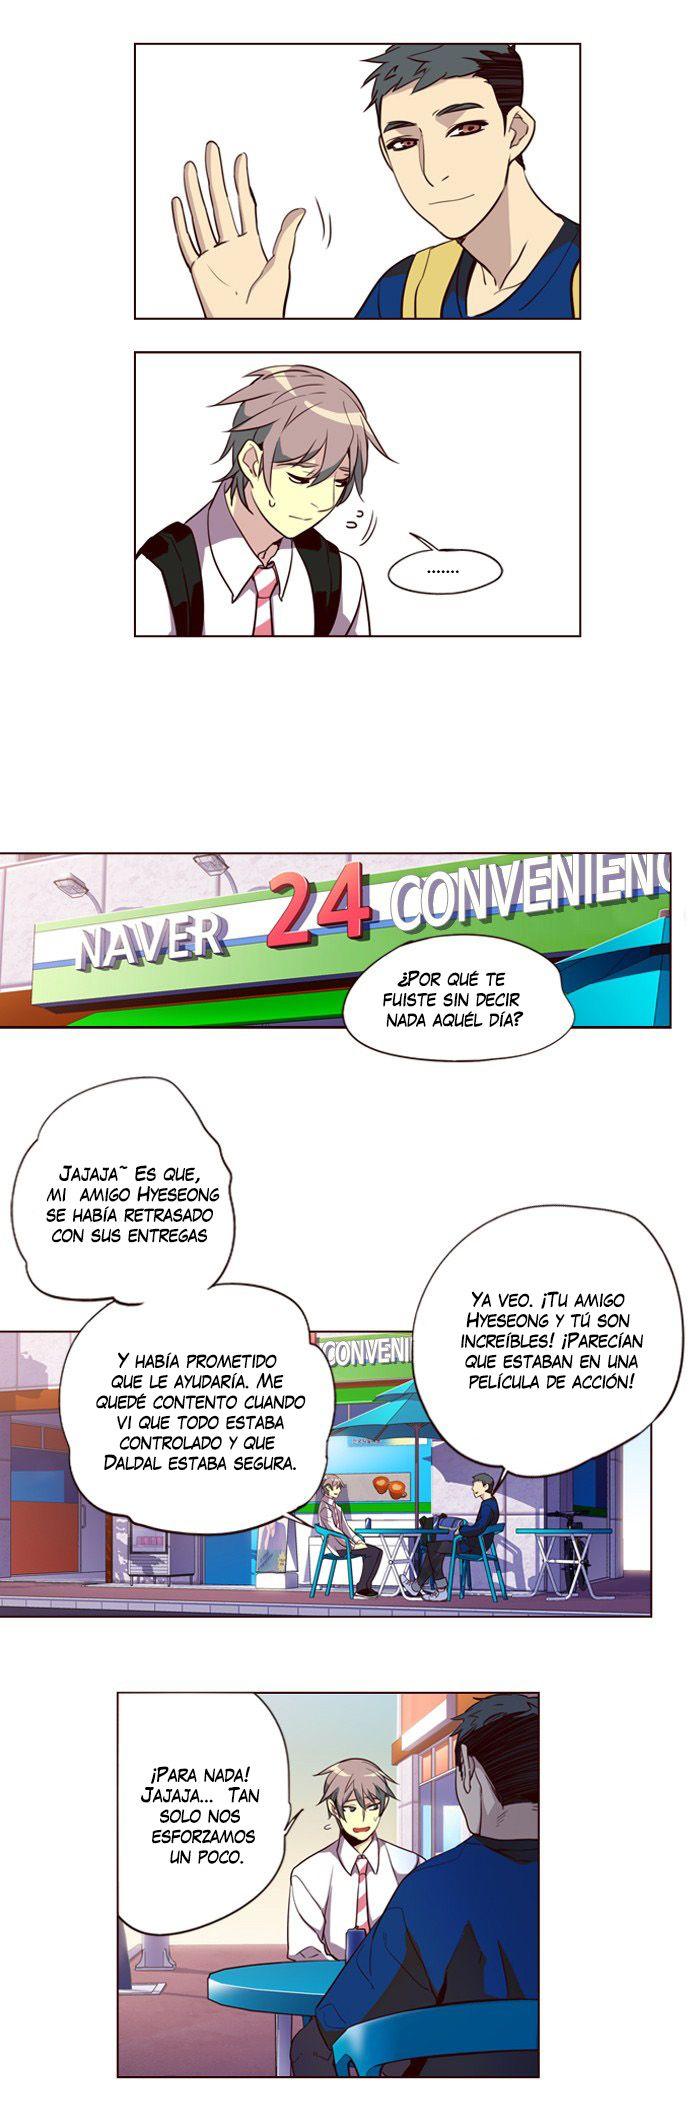 http://c5.ninemanga.com/es_manga/32/416/484122/382eb7cfc227924eadb64ffc62bb0e58.jpg Page 8